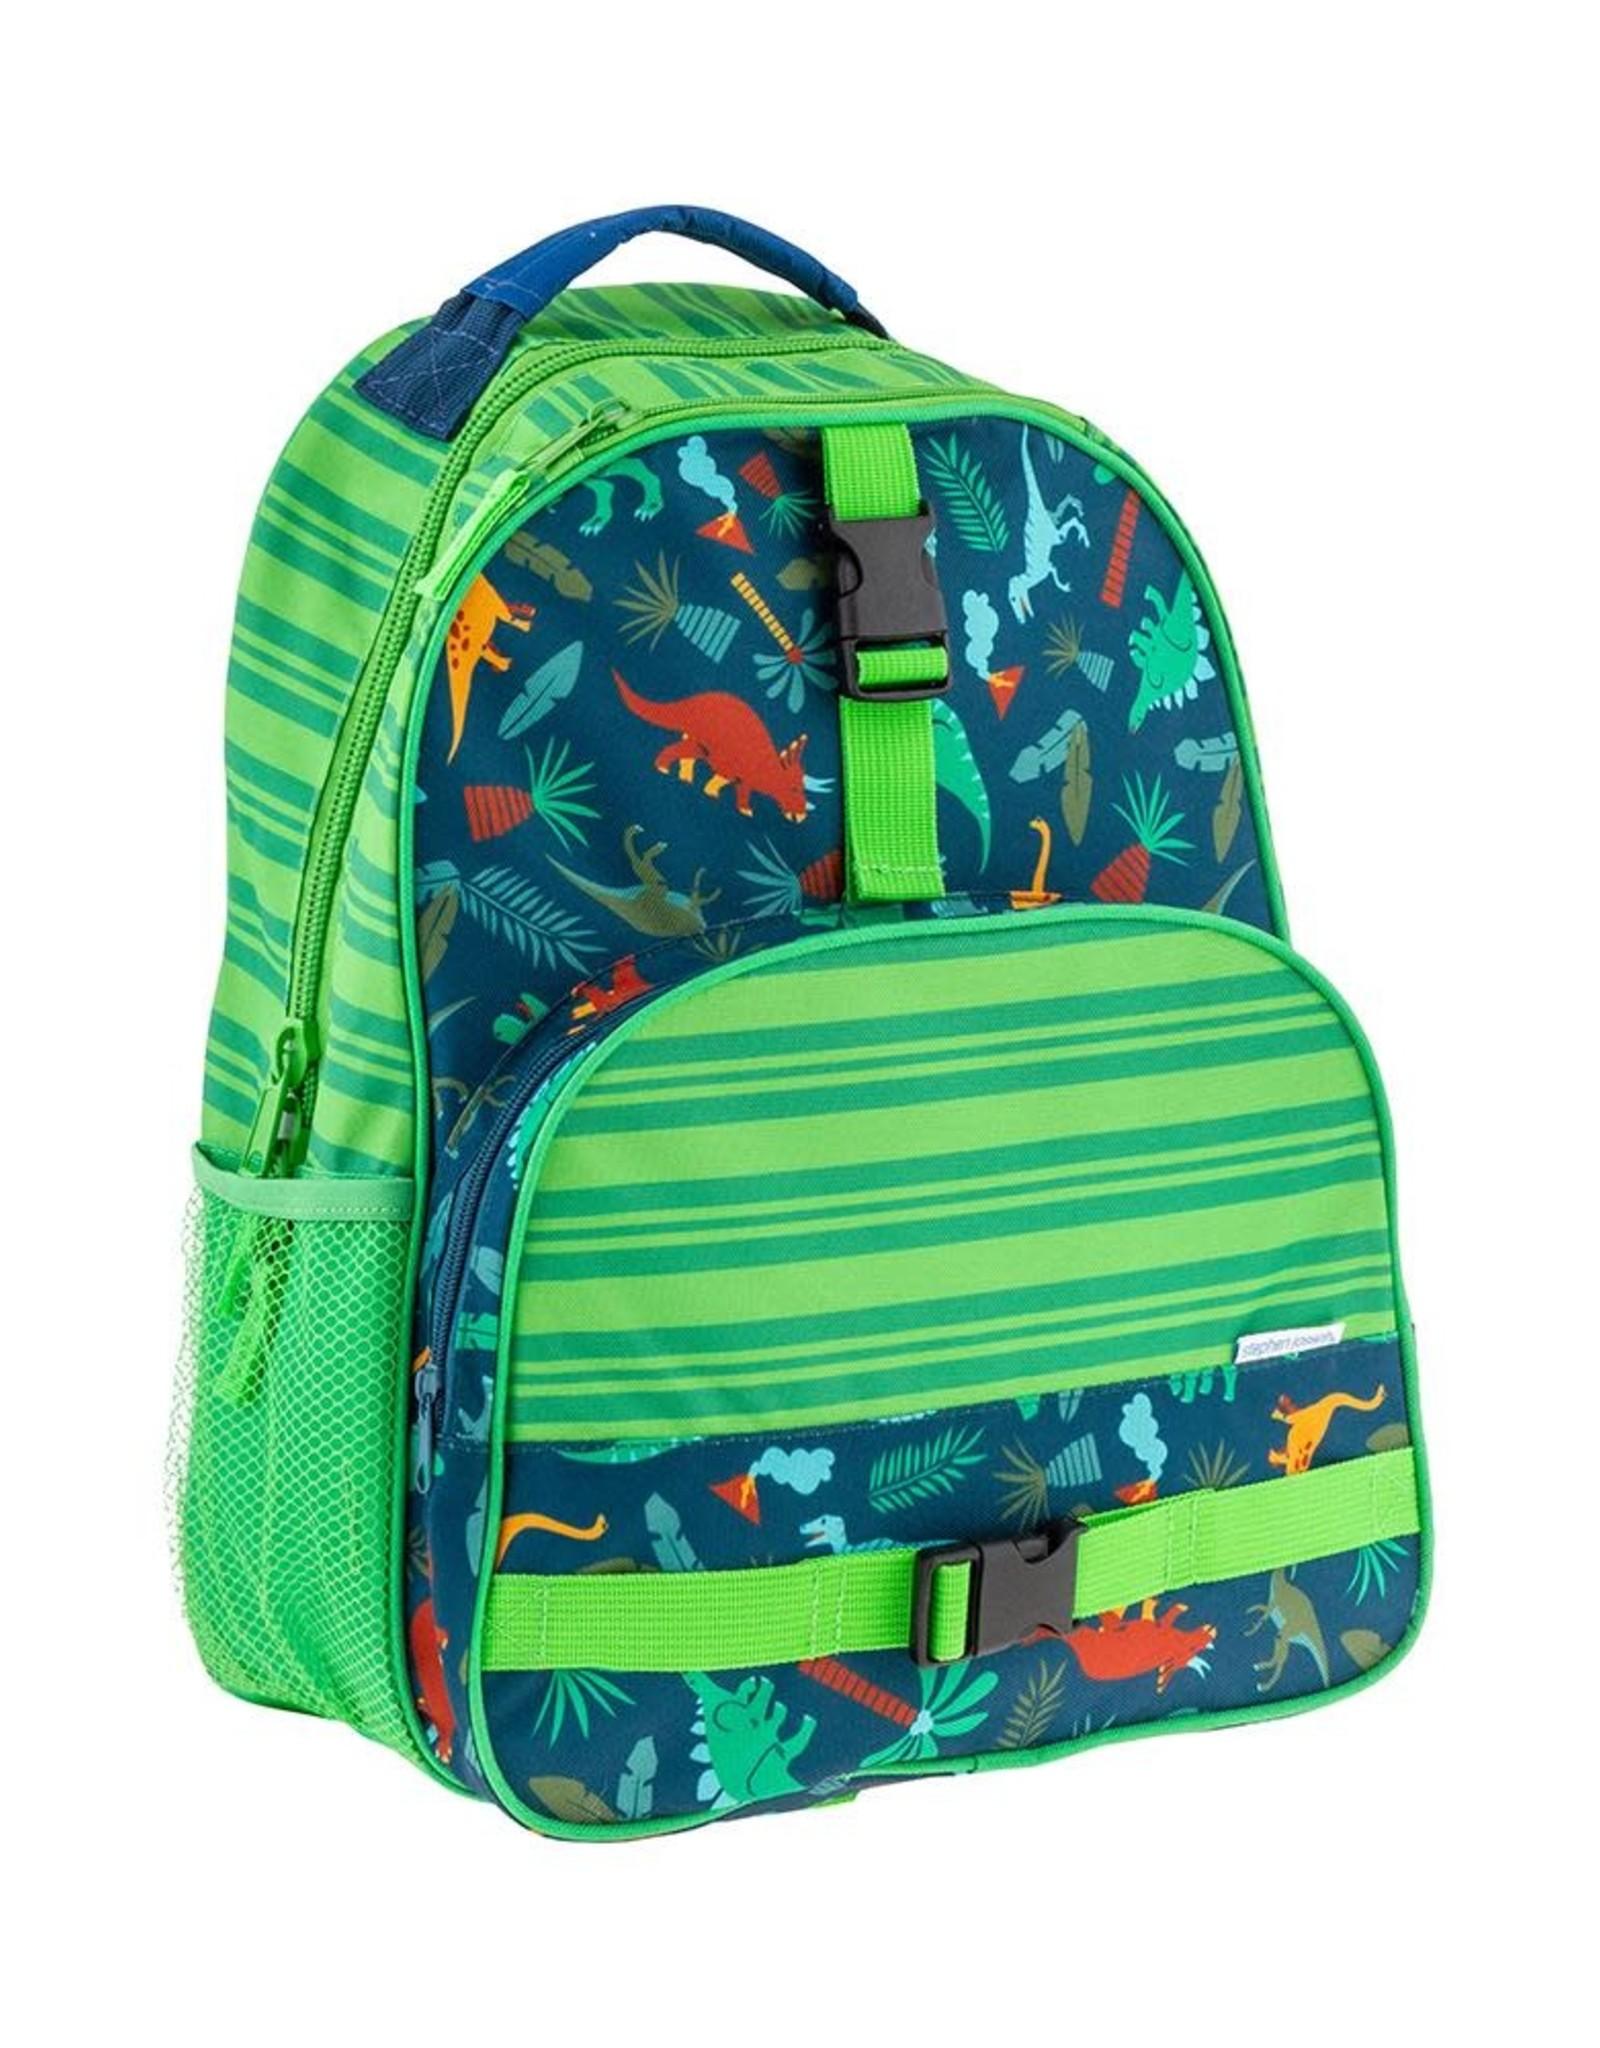 Stephen Joseph All Over Print Backpack - Dinosaur